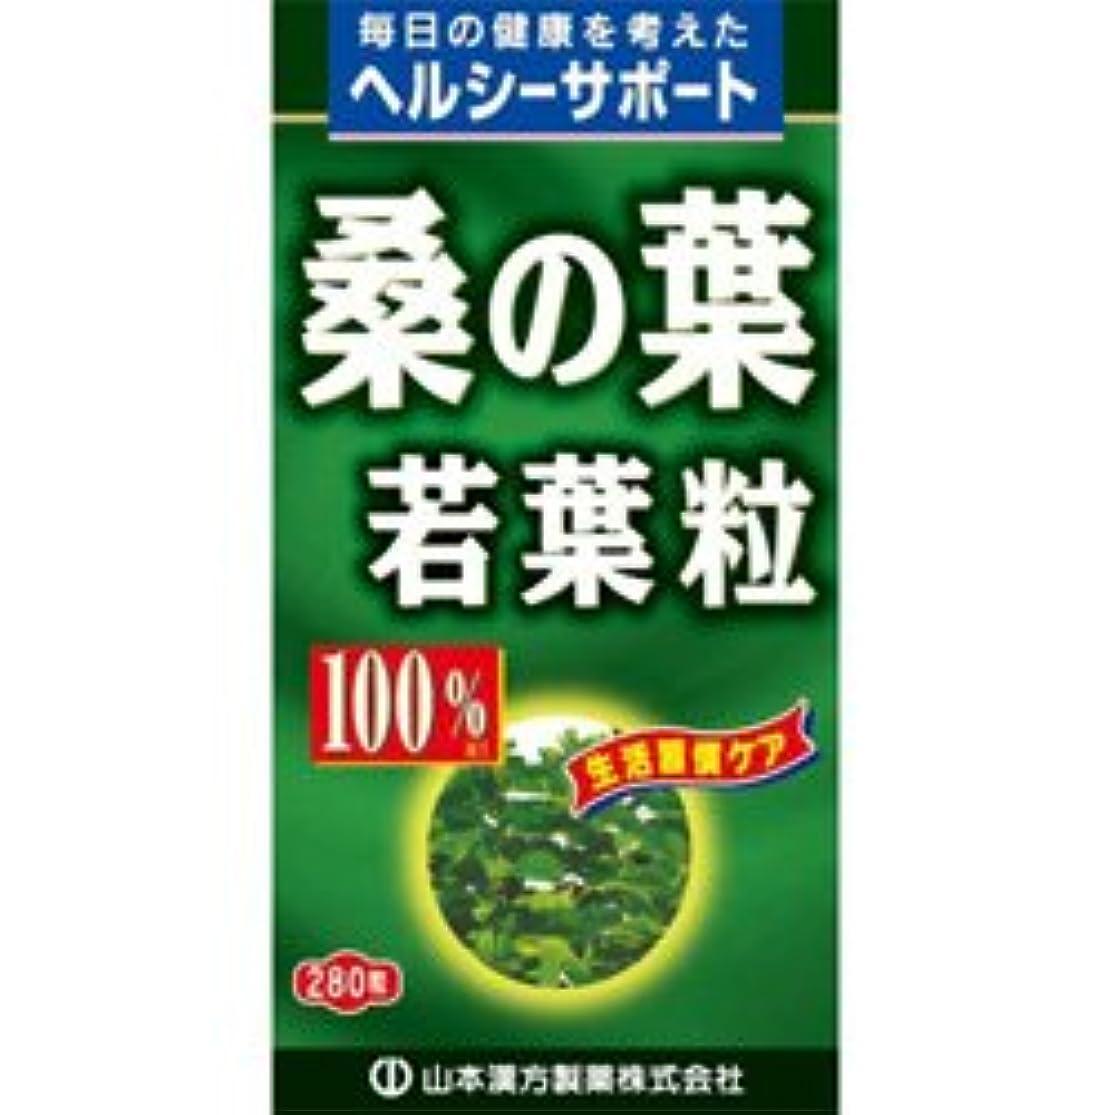 評価する家畜猫背【山本漢方製薬】桑の葉粒 100% 280粒 ×10個セット